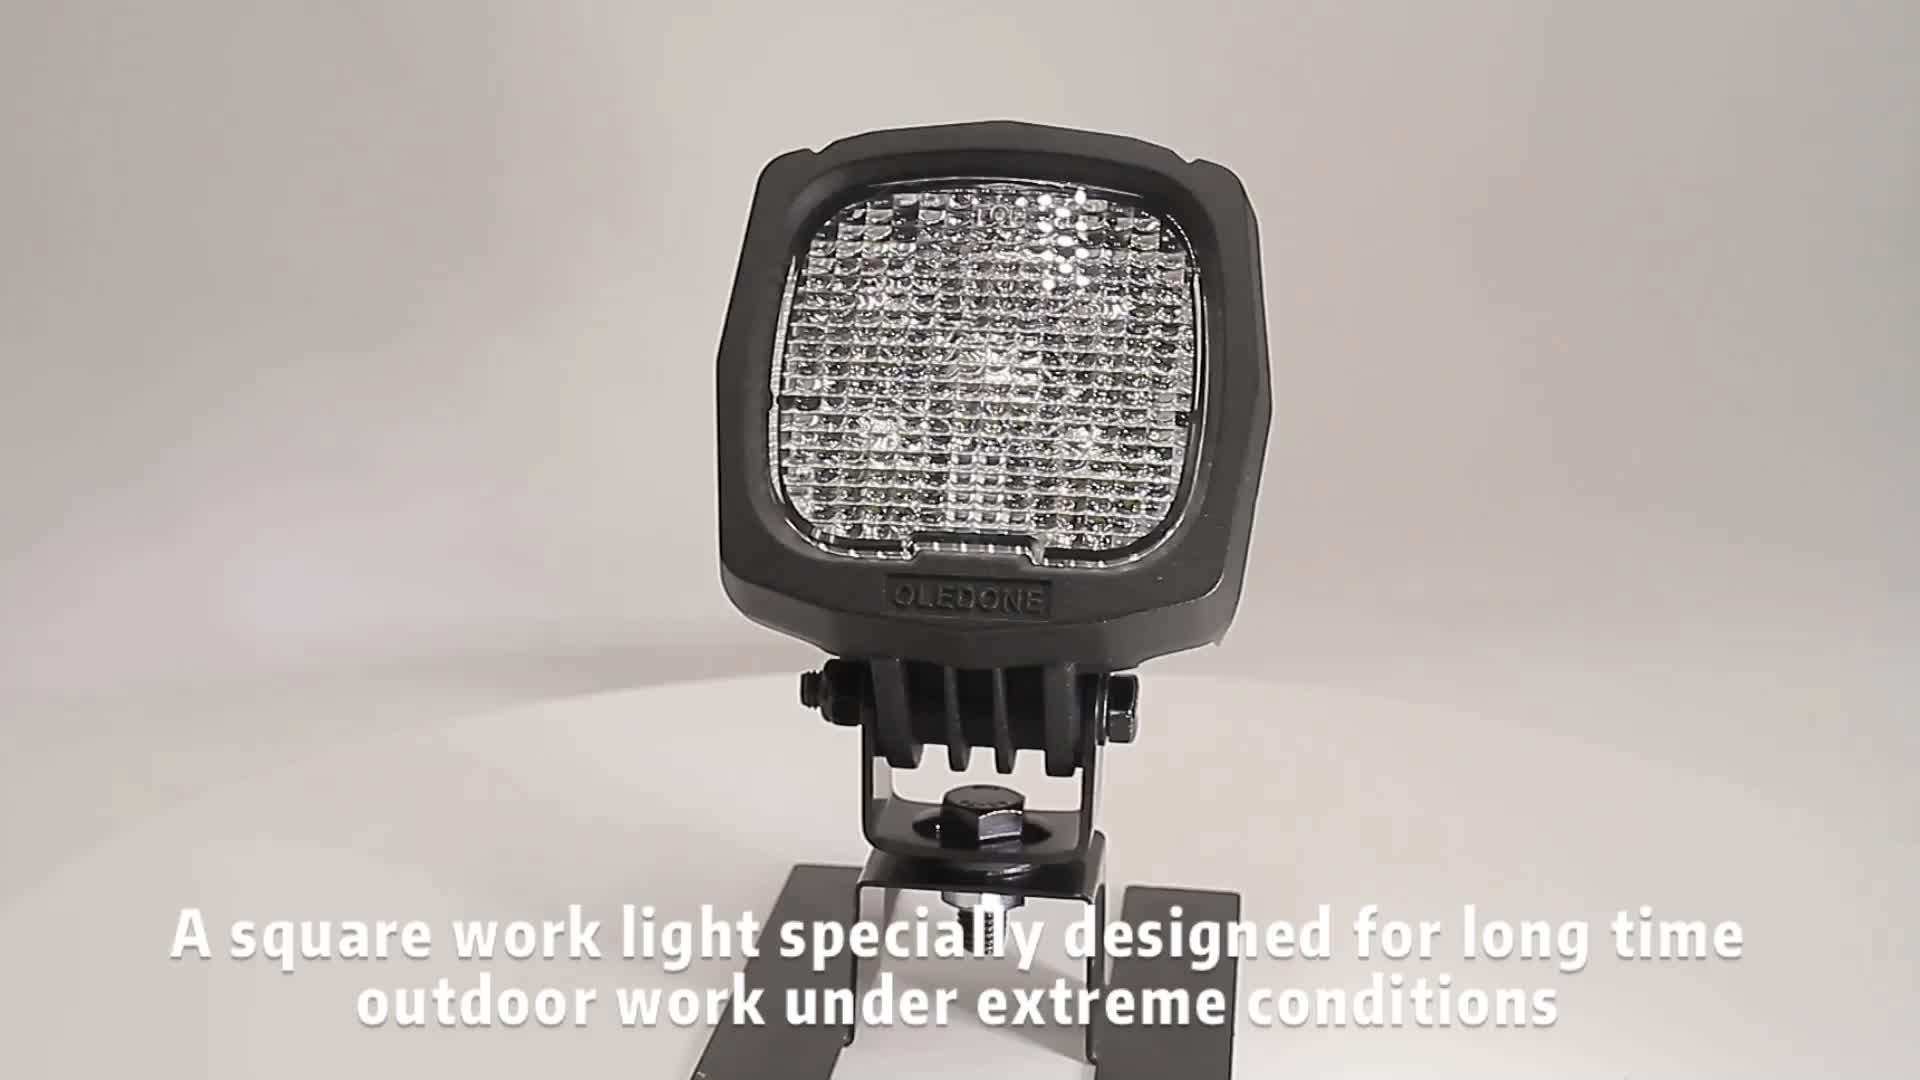 Oledone 10-60V 젖빛/확산 렌즈 광장 작업 빛 내장 극단적인 내구성을 트랙터 농업